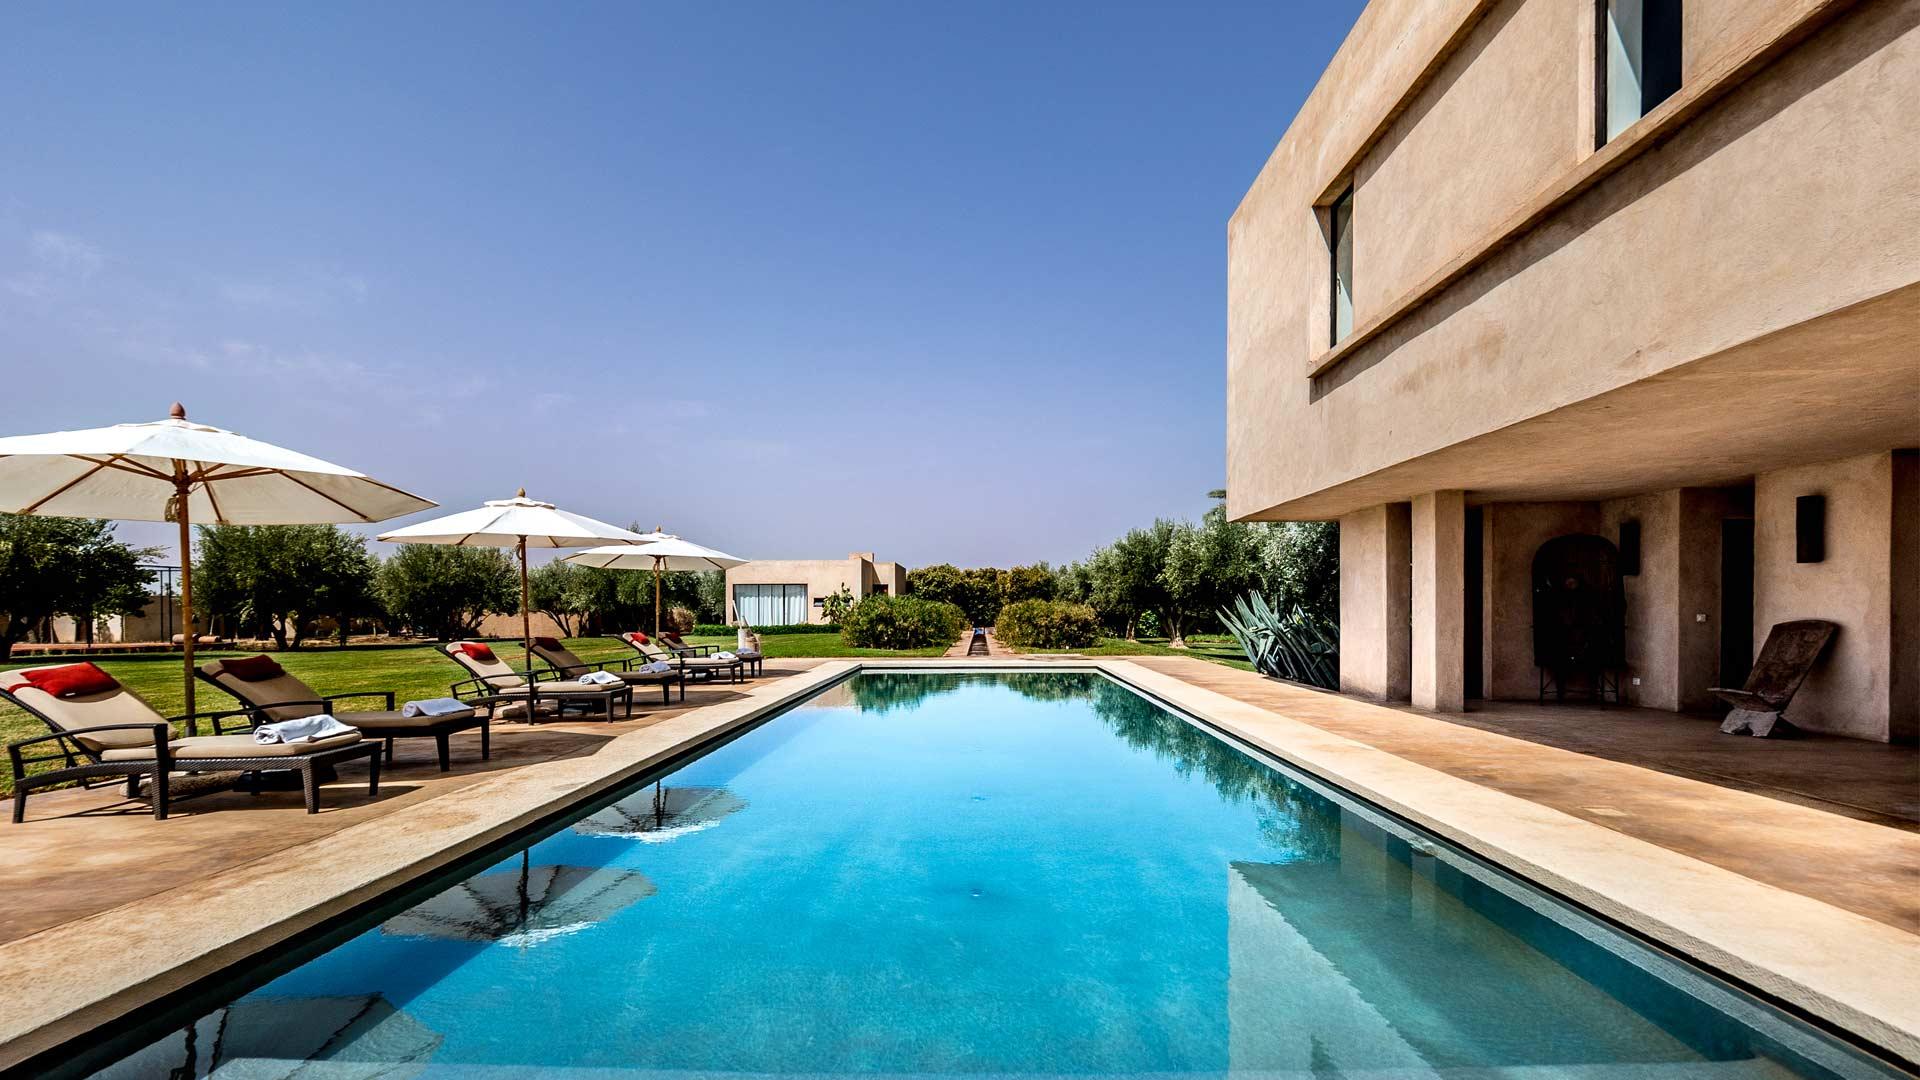 Villa Villa Noor Palmeraie, Ferienvilla mieten Marrakesch